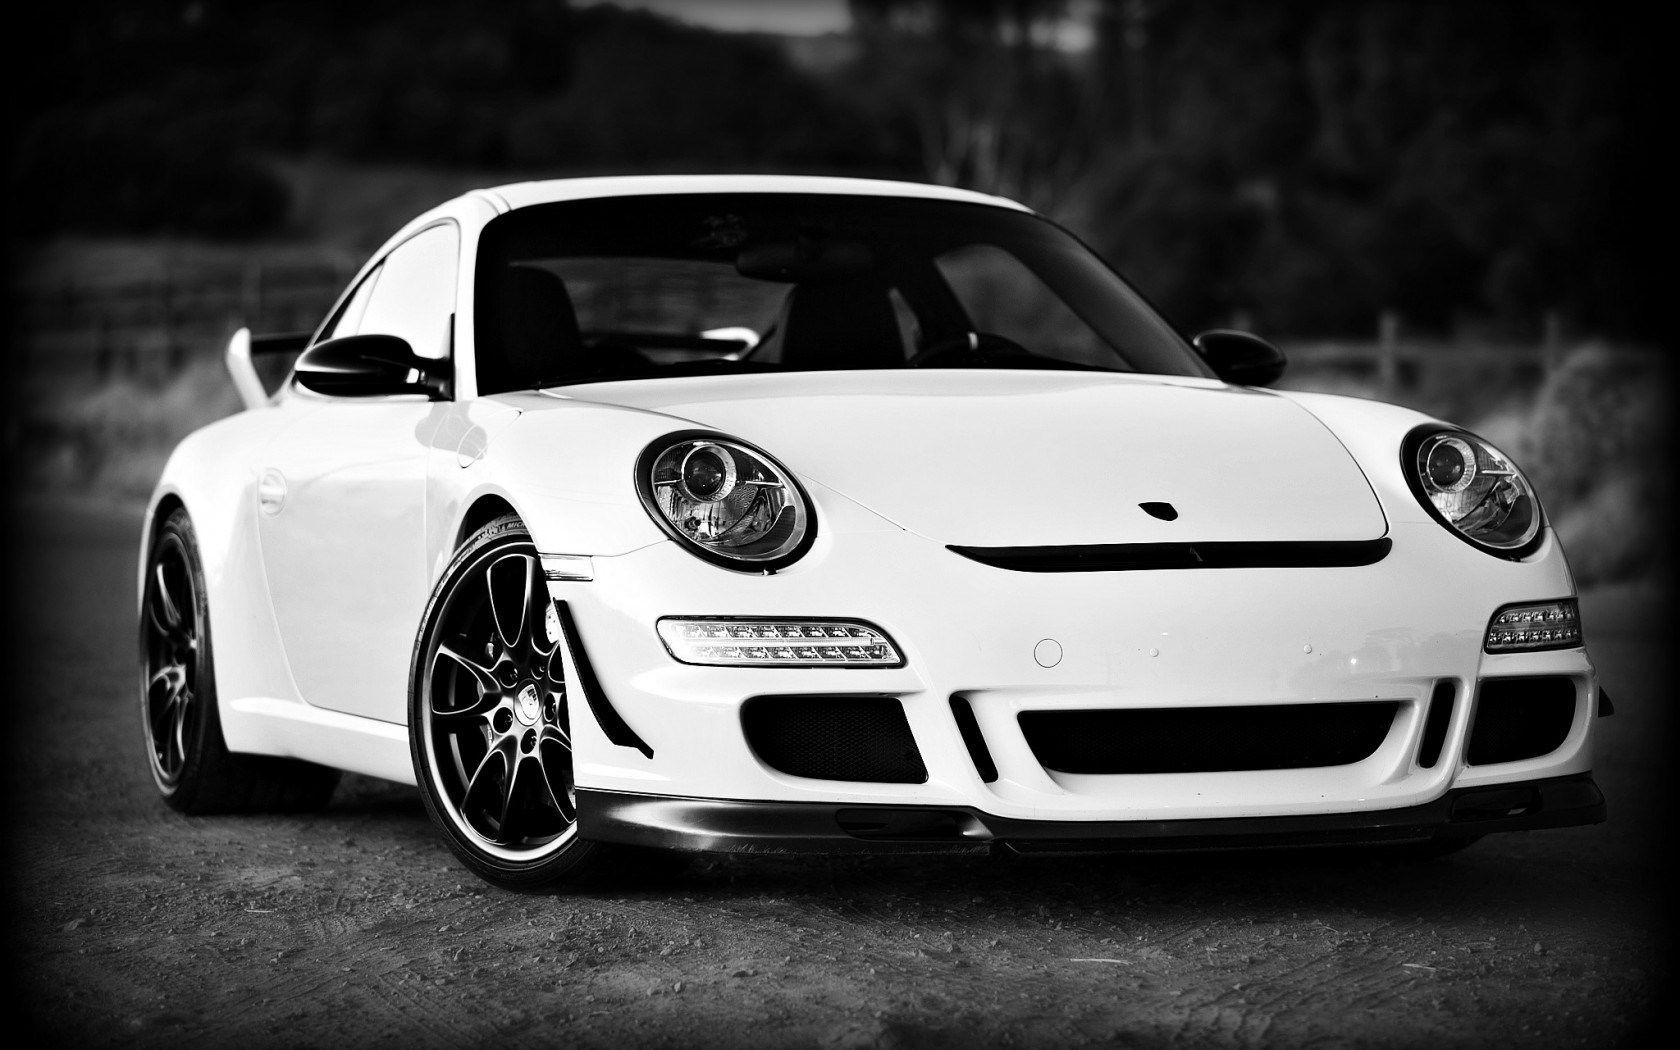 Category Porsche >> Awesome Porsche Wallpaper Porsche Category Ololoshka